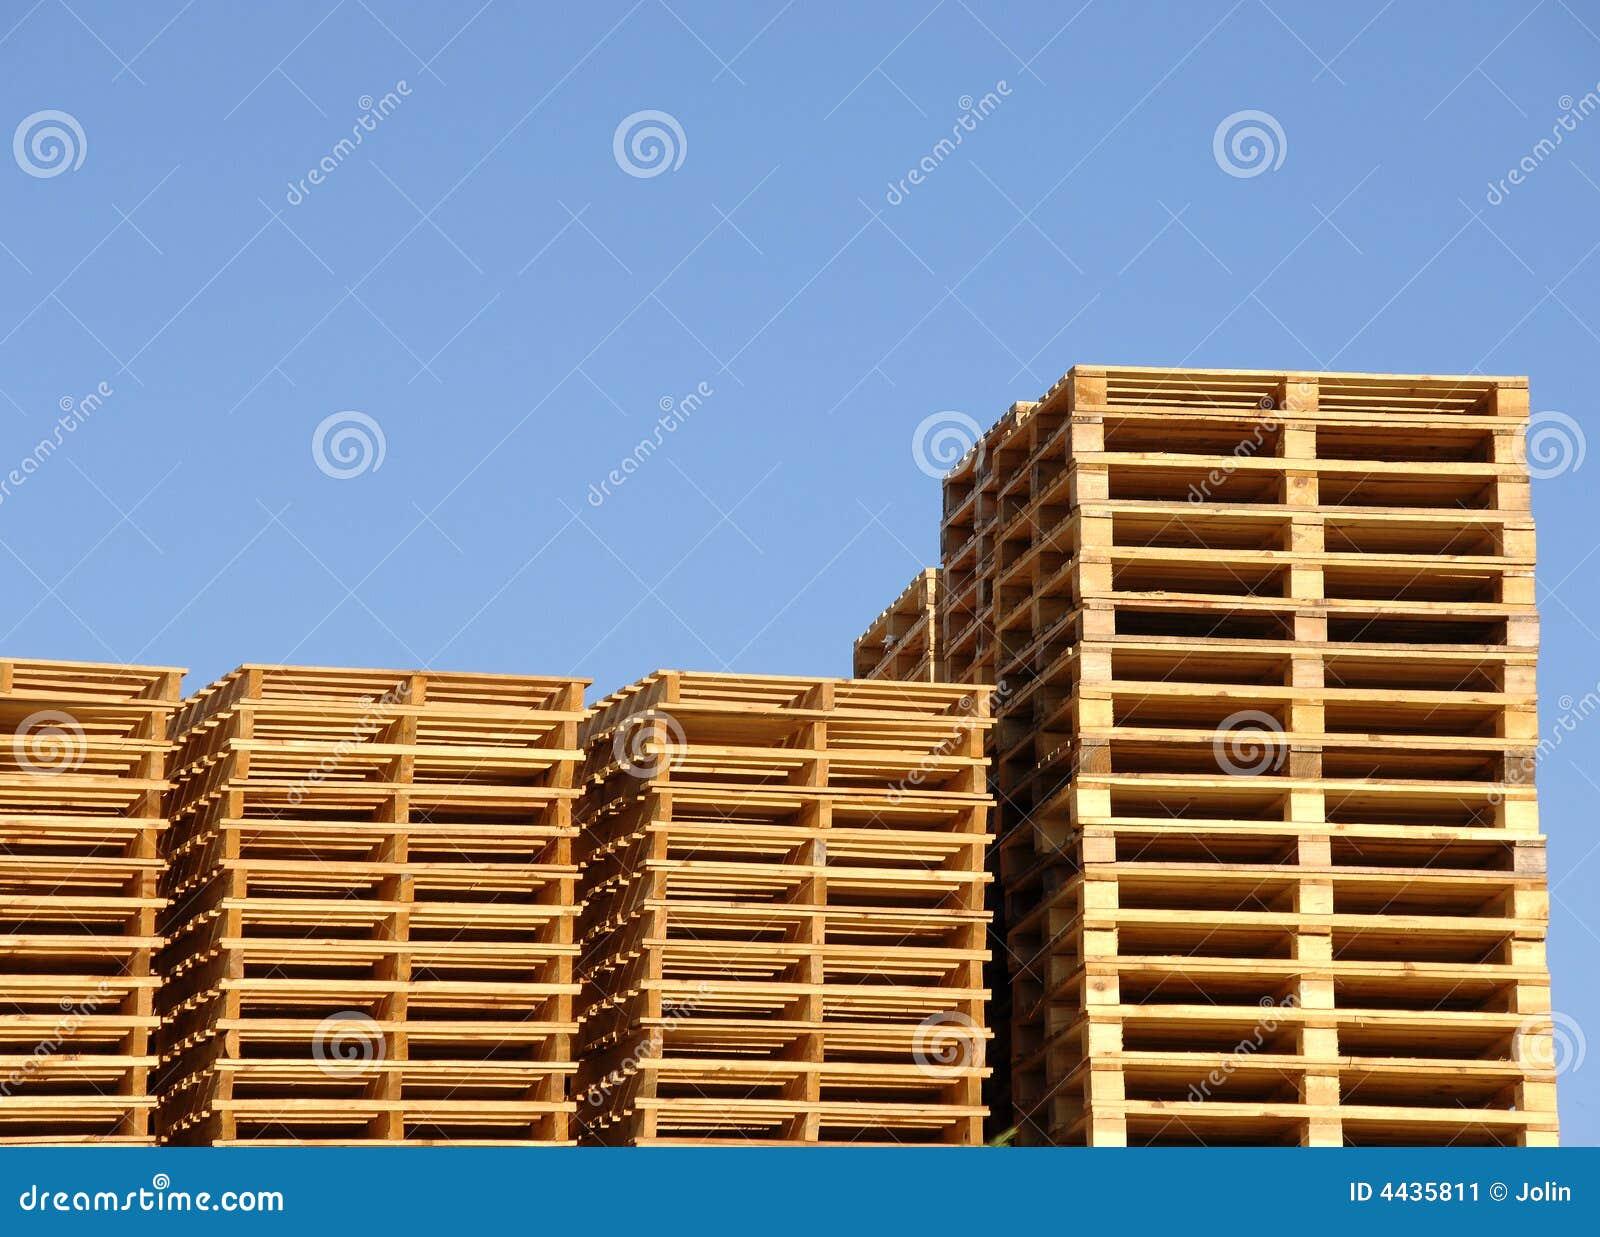 Pila de paletas de madera del envío